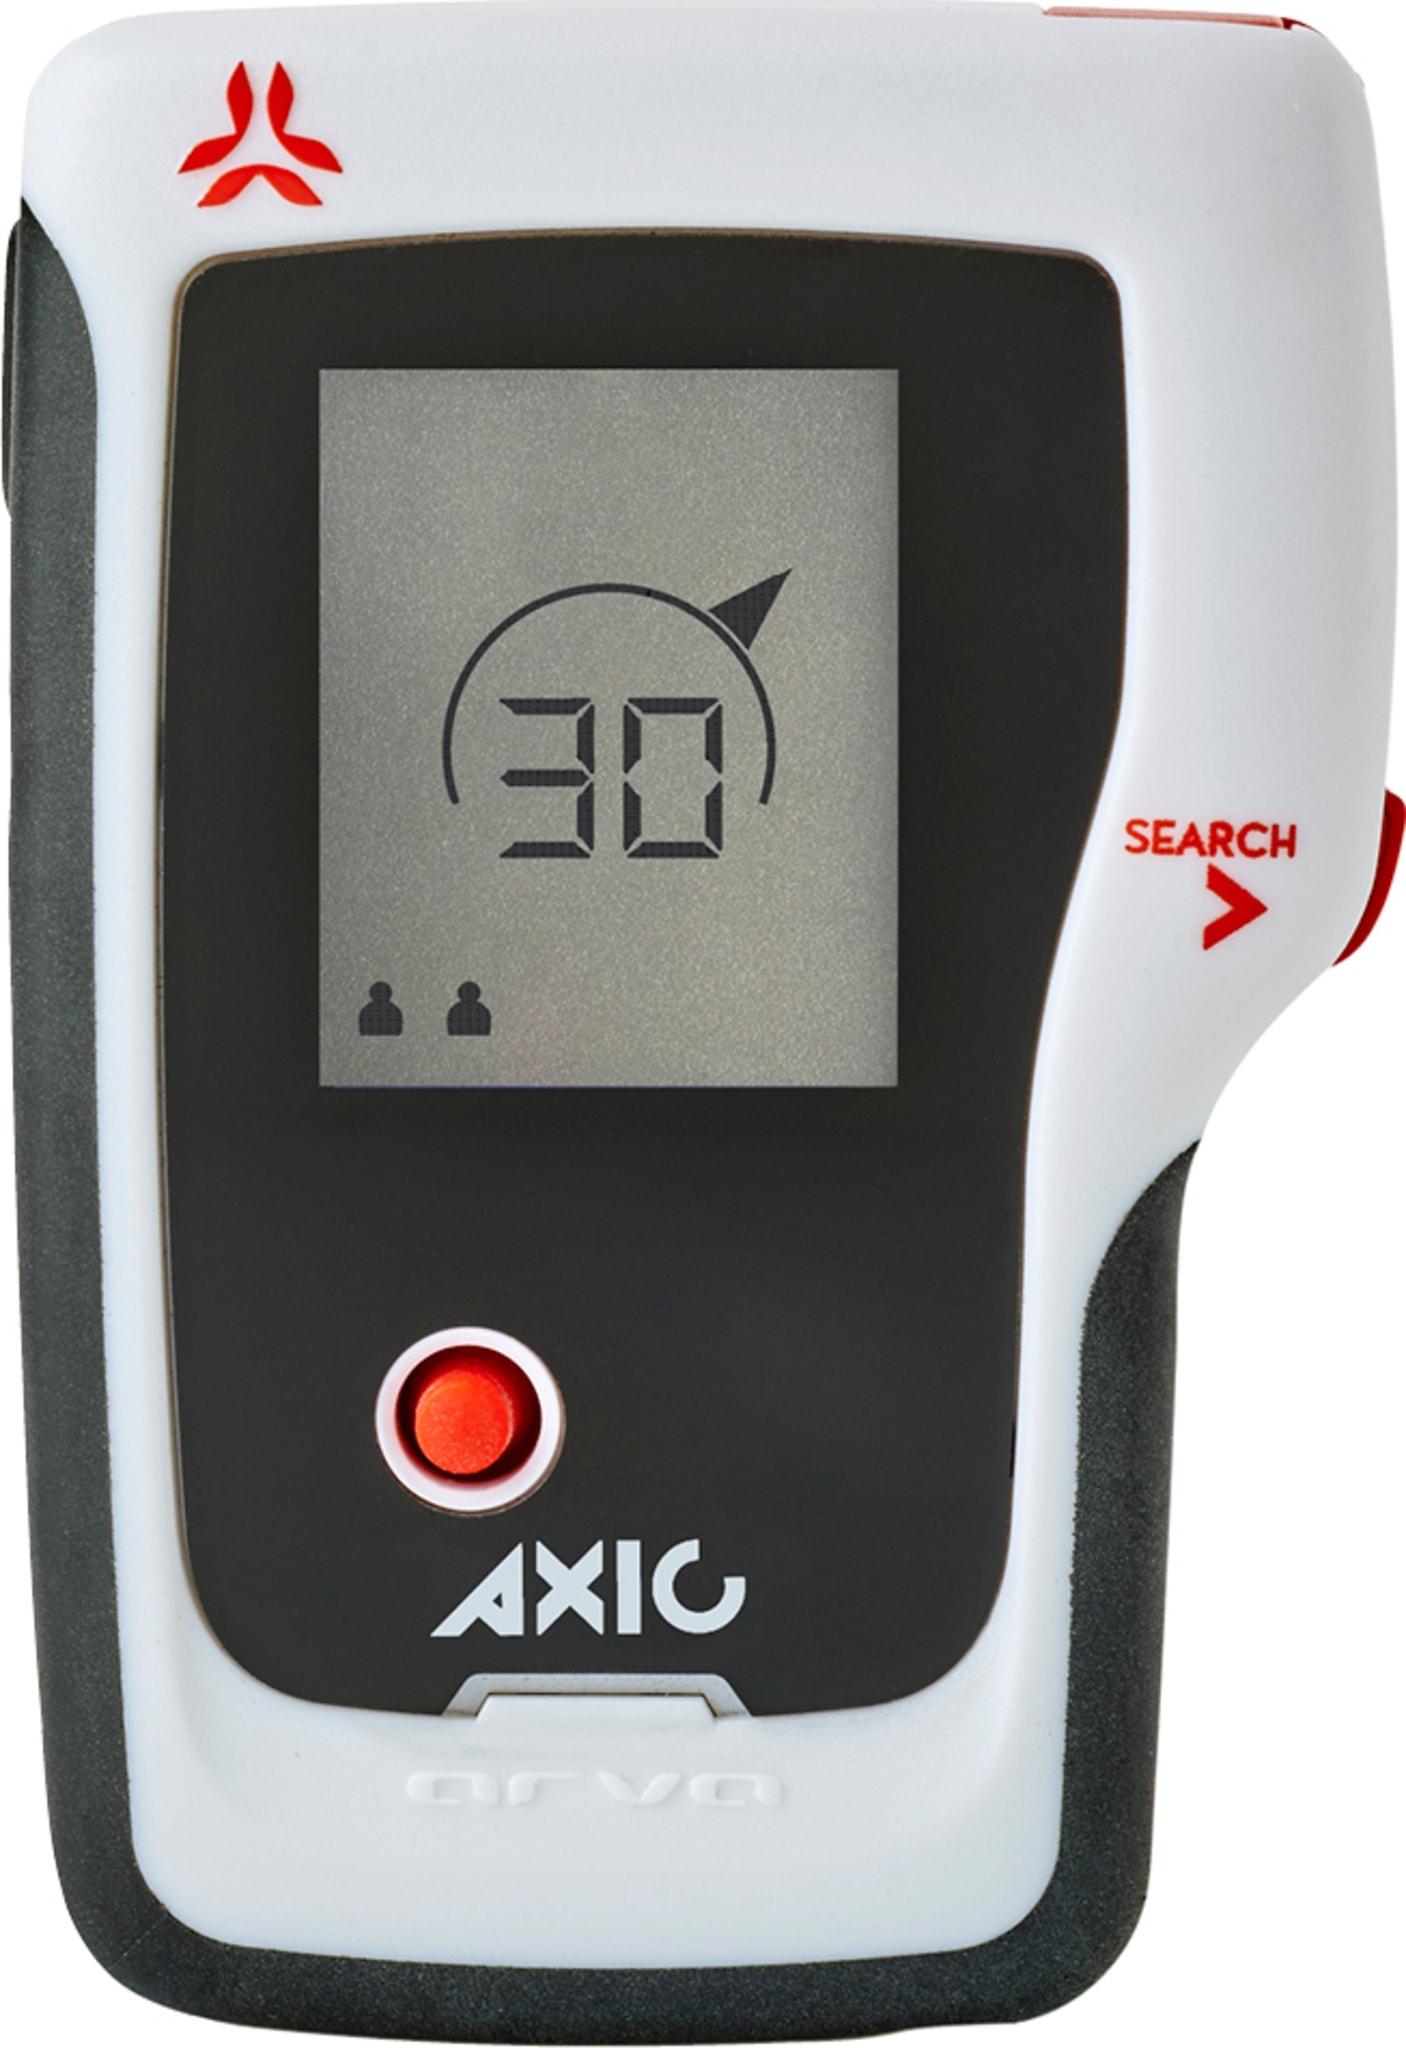 AXIO er toppmodellen fra Arva og er dedikert til de mest kresne brukerne